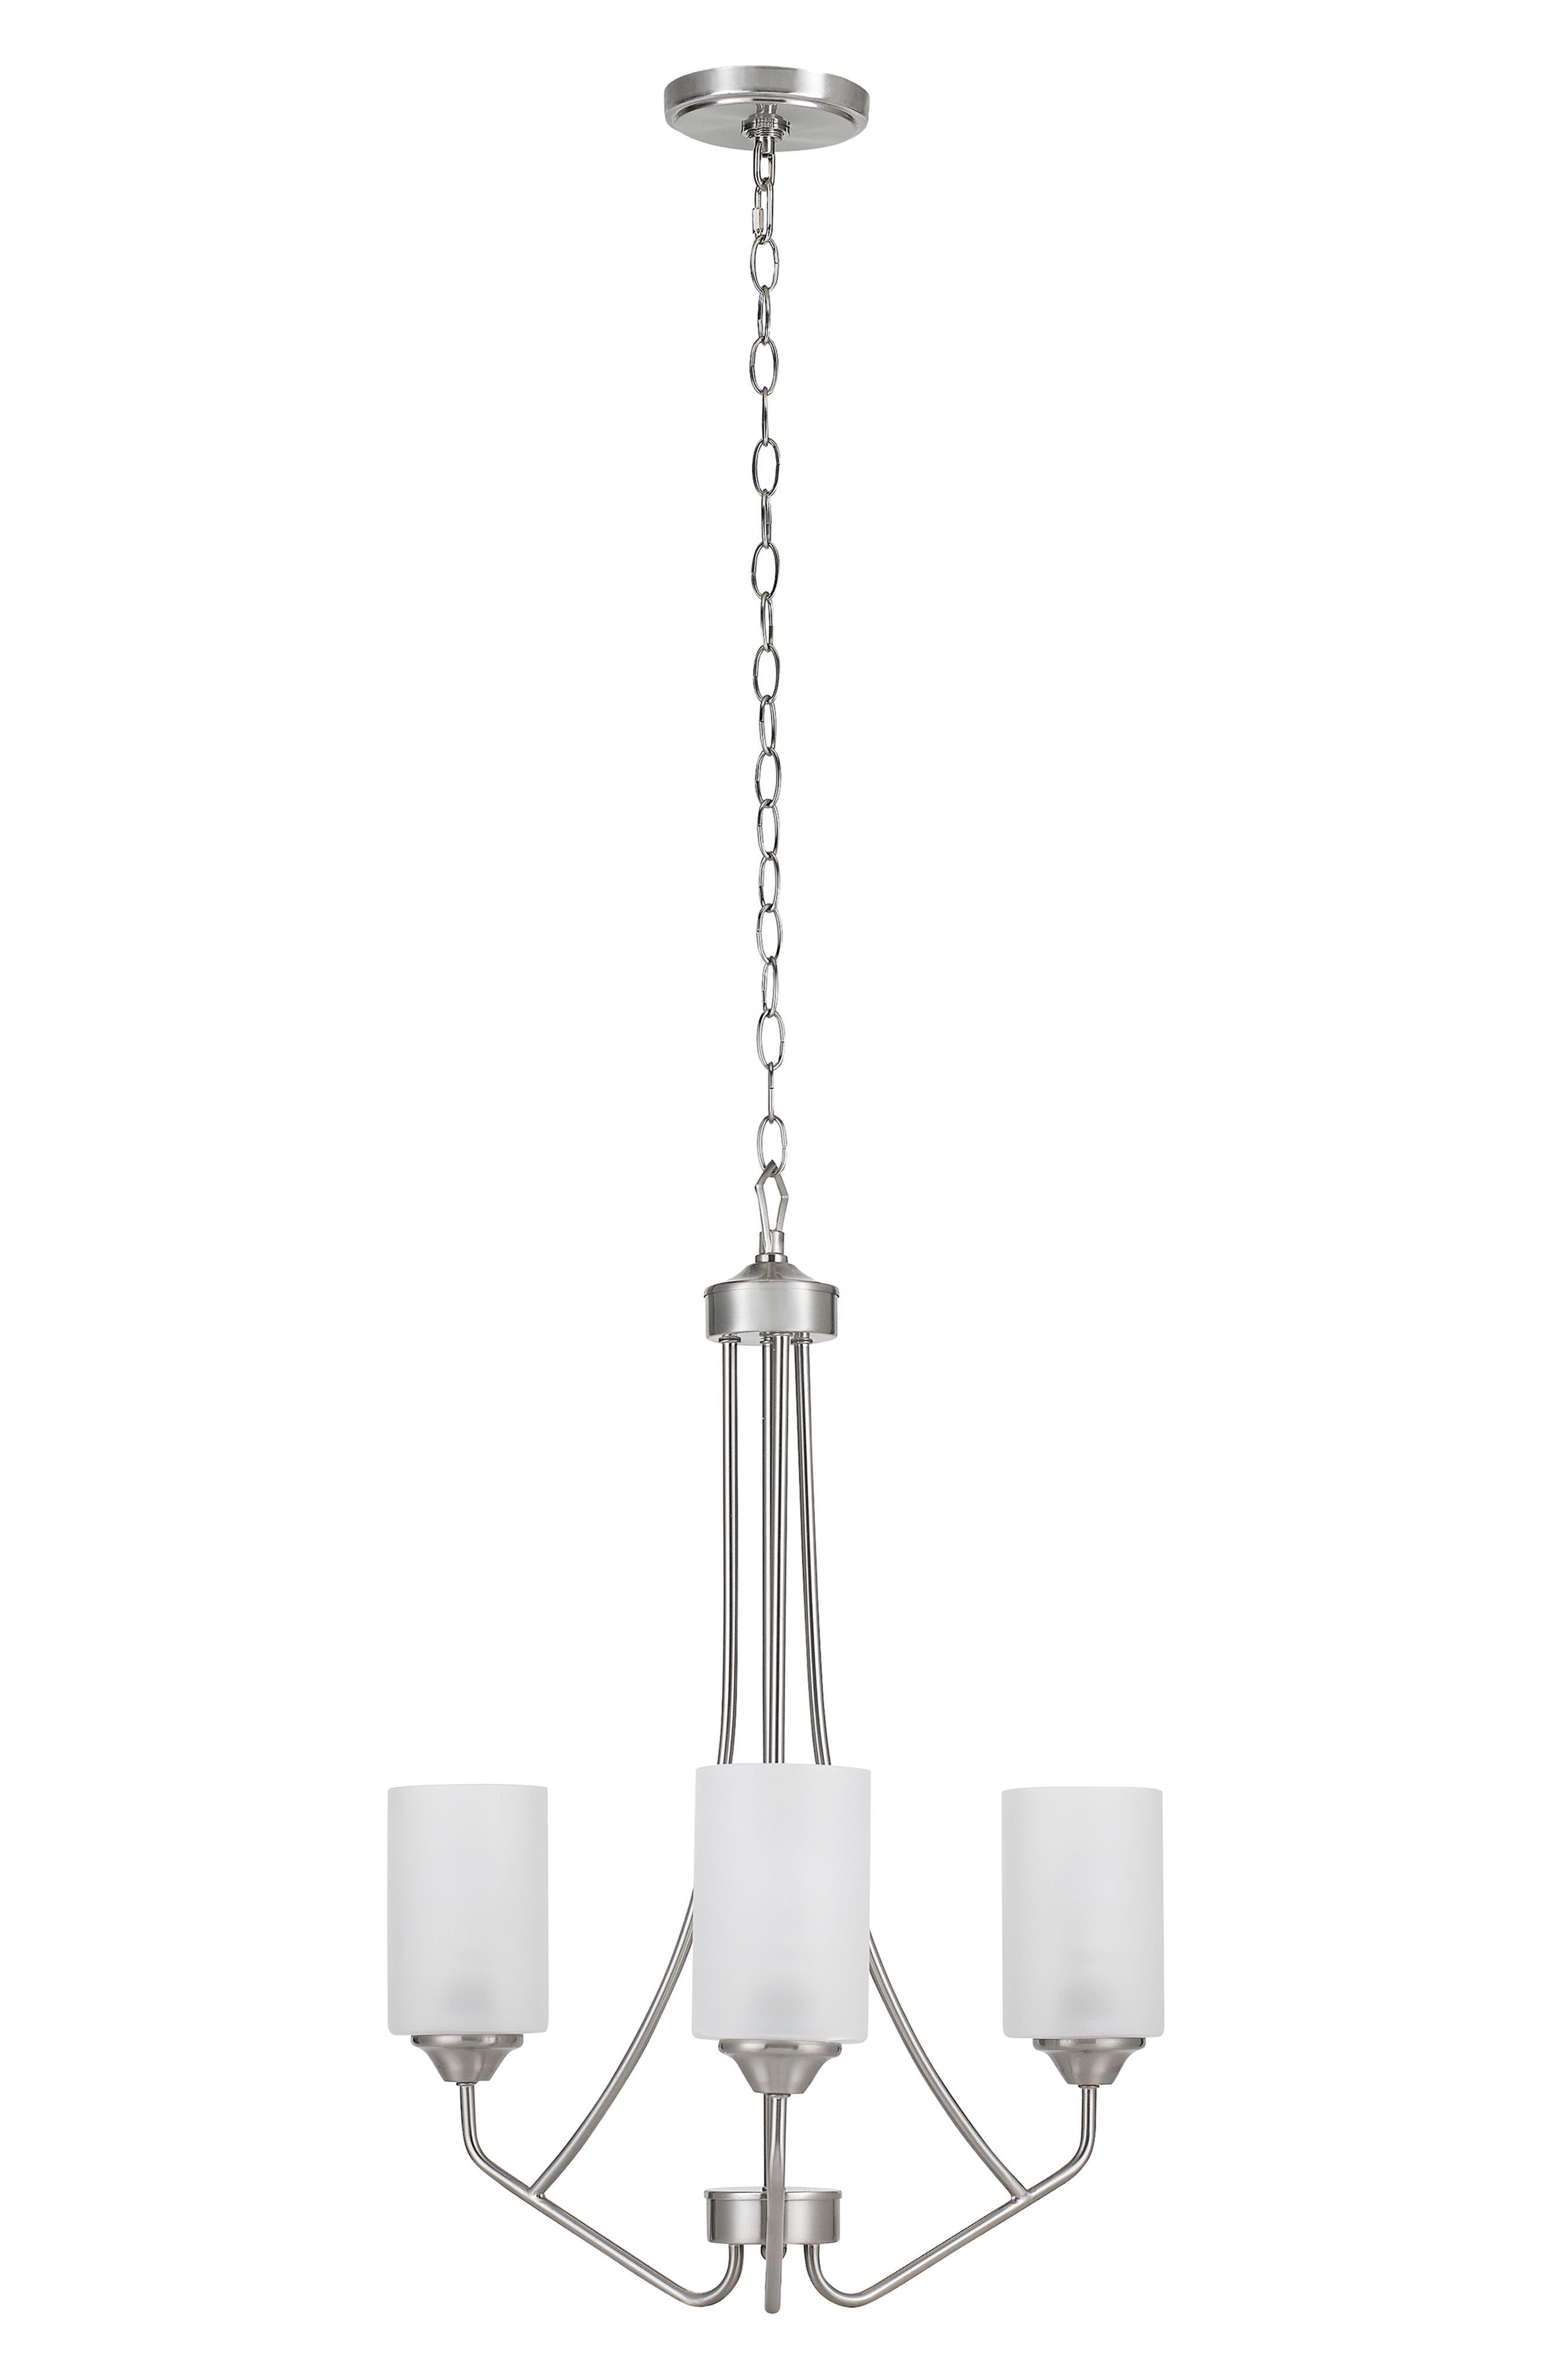 Jalexander Lighting Harper ThreeLight Chandelier Size One Size  Metallic